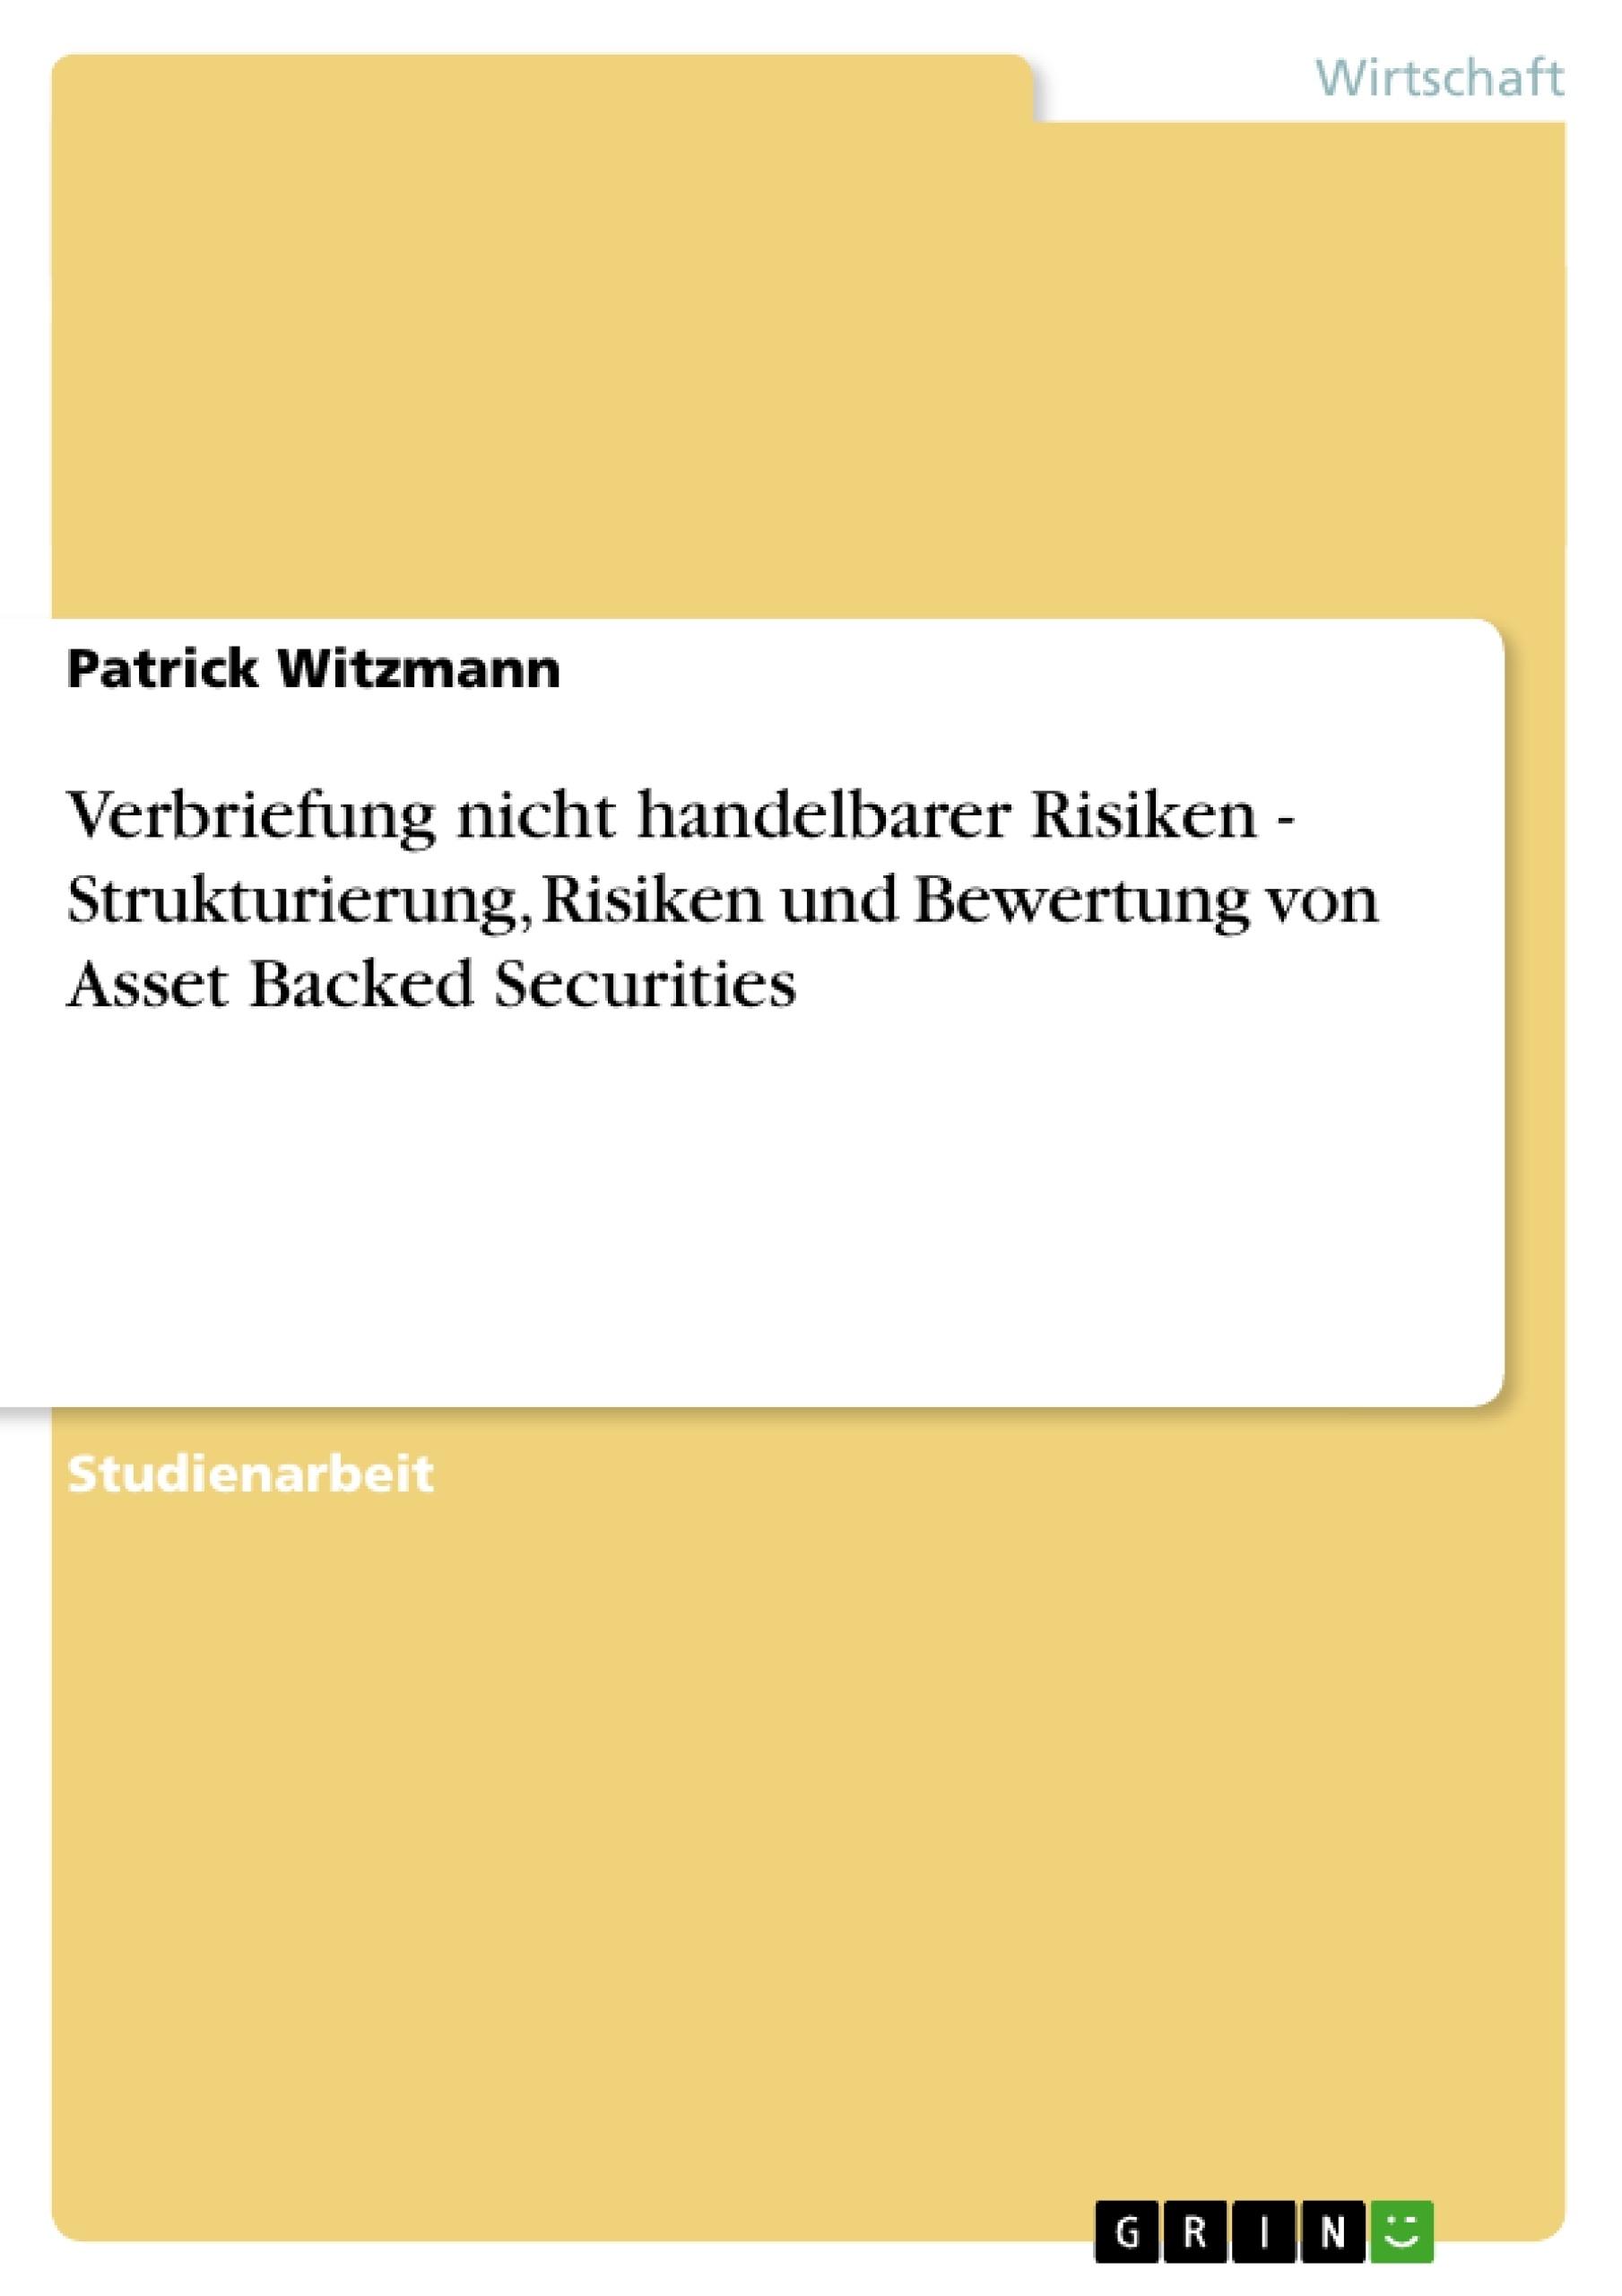 Titel: Verbriefung nicht handelbarer Risiken - Strukturierung, Risiken und Bewertung von Asset Backed Securities